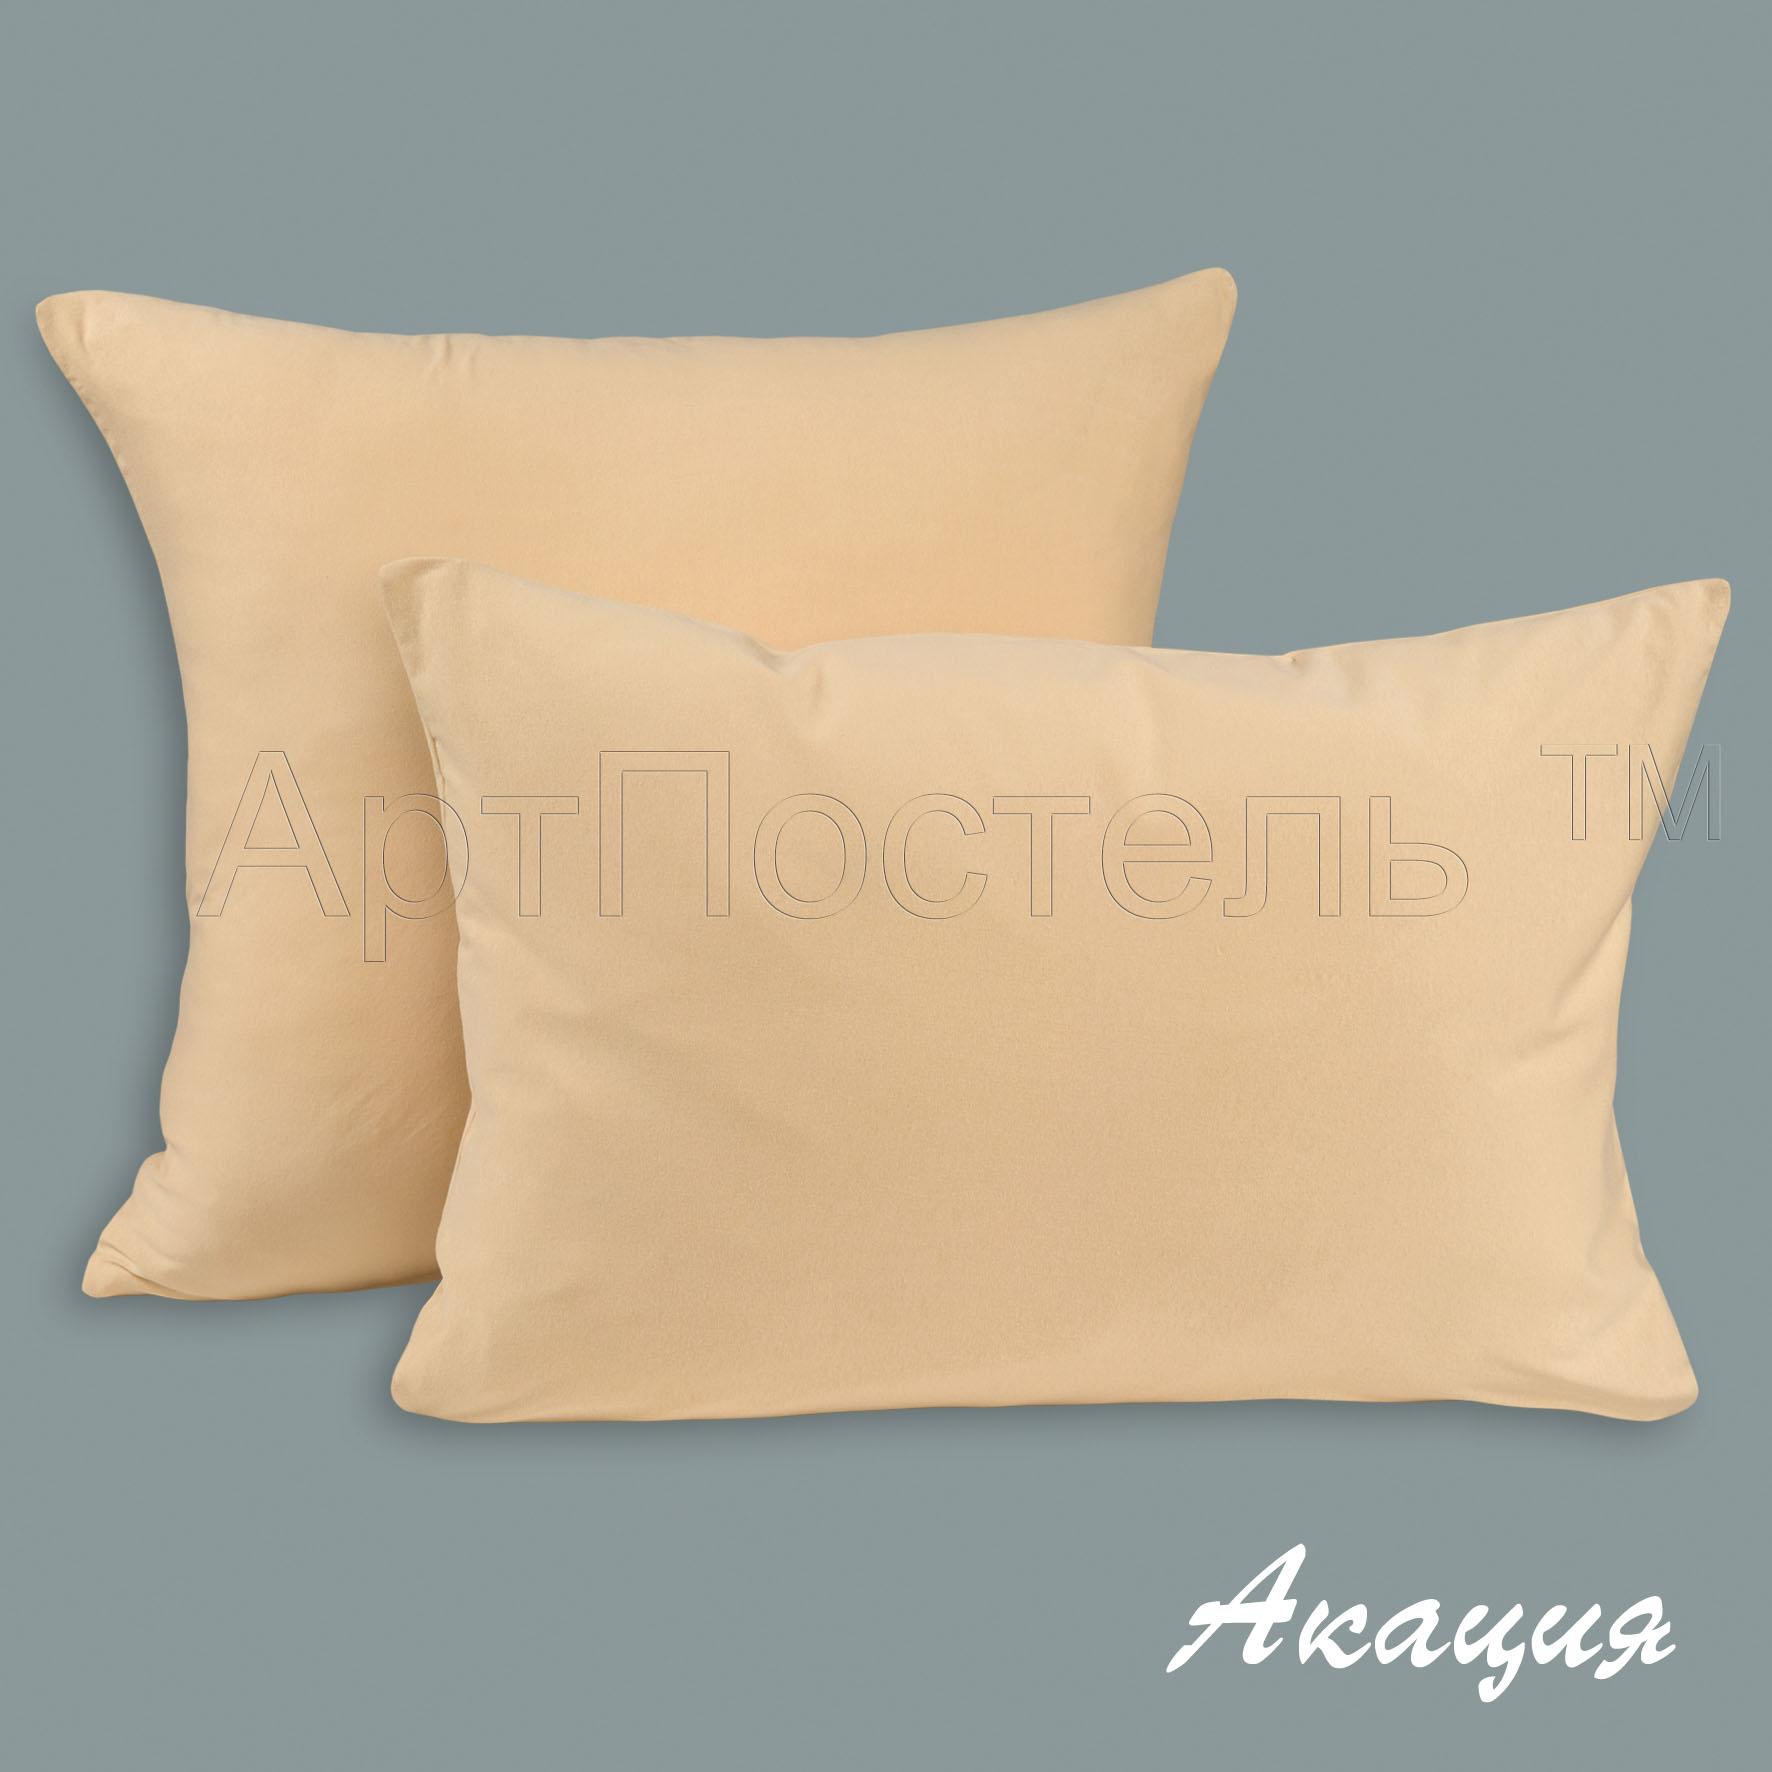 Наволочки Акация, размер 70х70 смНаволочки<br>Плотность ткани: 140 г/кв. м <br>Количество: 2 шт.<br><br>Тип: Наволочки<br>Размер: 70х70<br>Материал: Кулирка